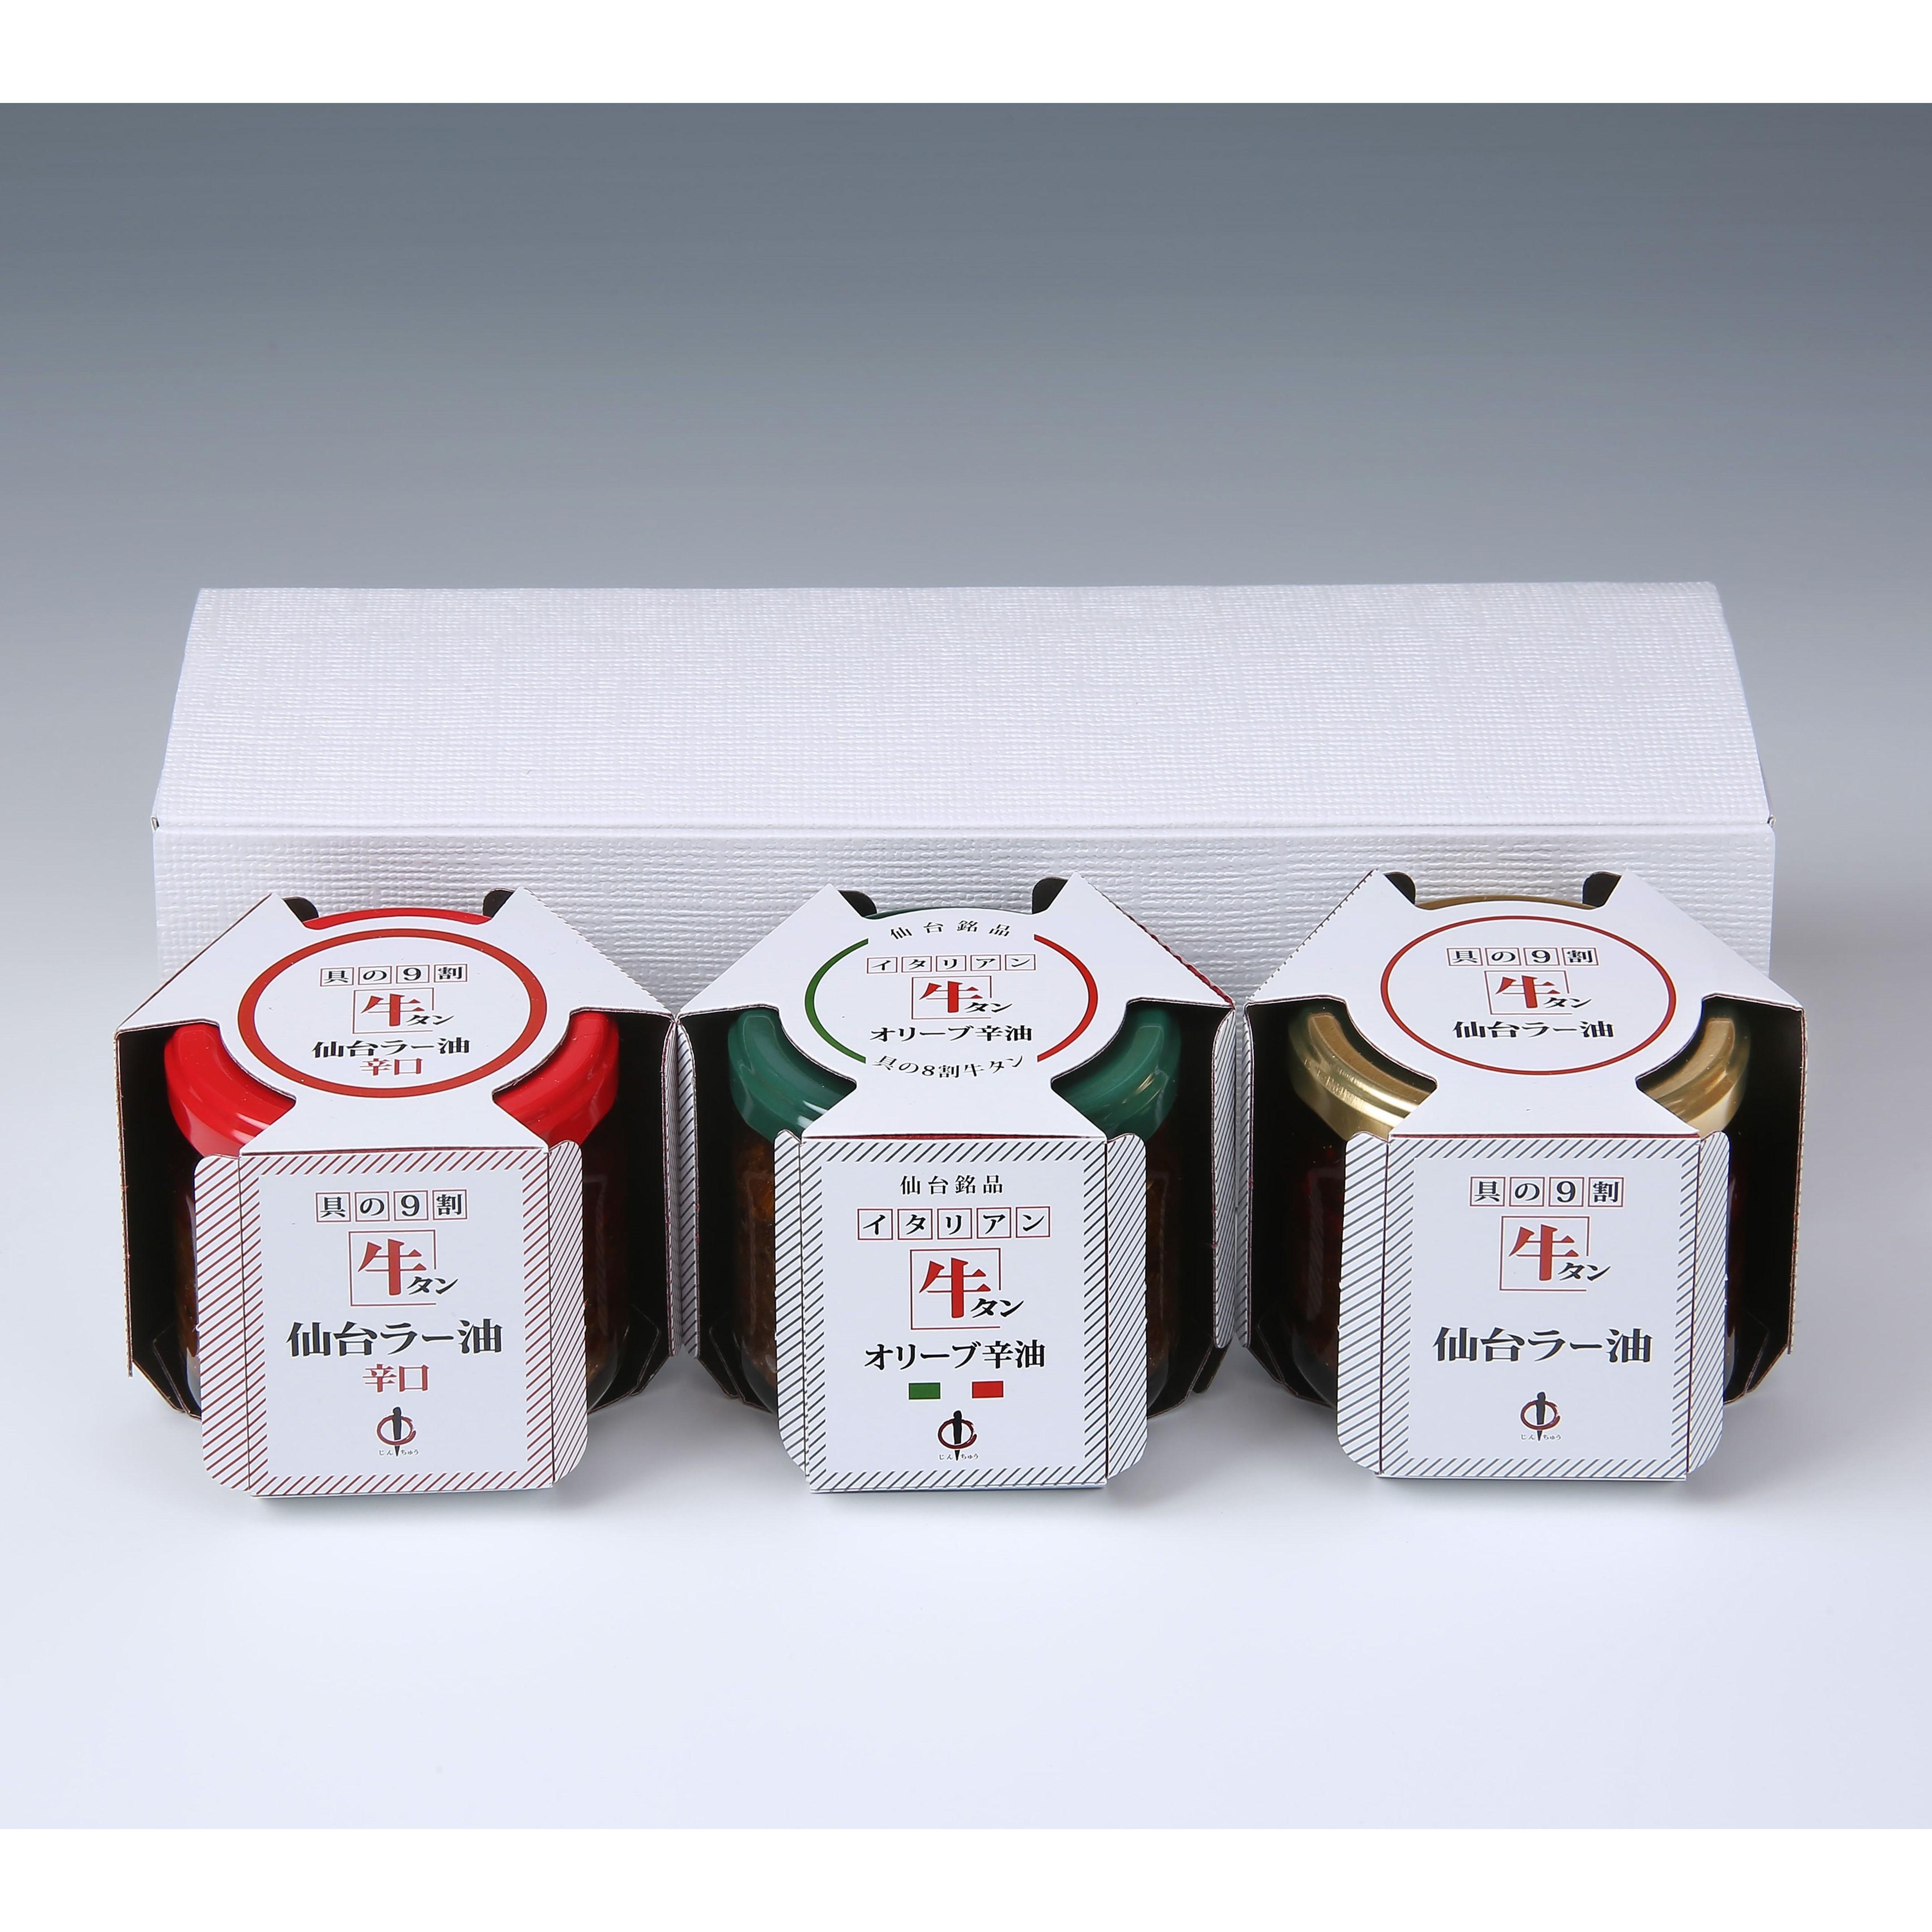 牛タン仙台オリーブ辛油詰合せセット(化粧箱入り)